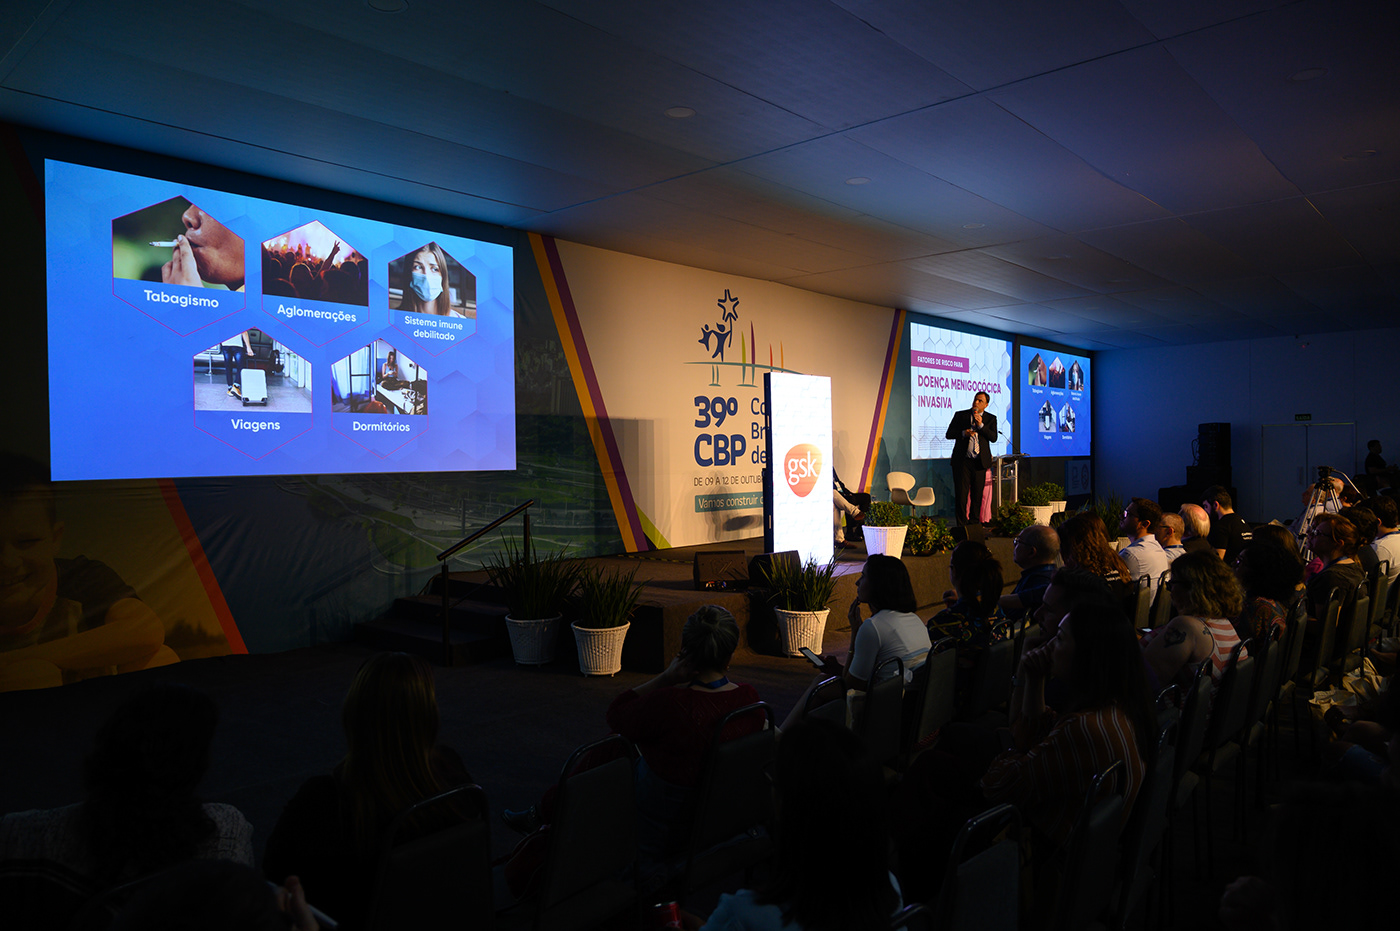 audiovisual bigscreen Event Evento GSK innovation inovação ledscreen